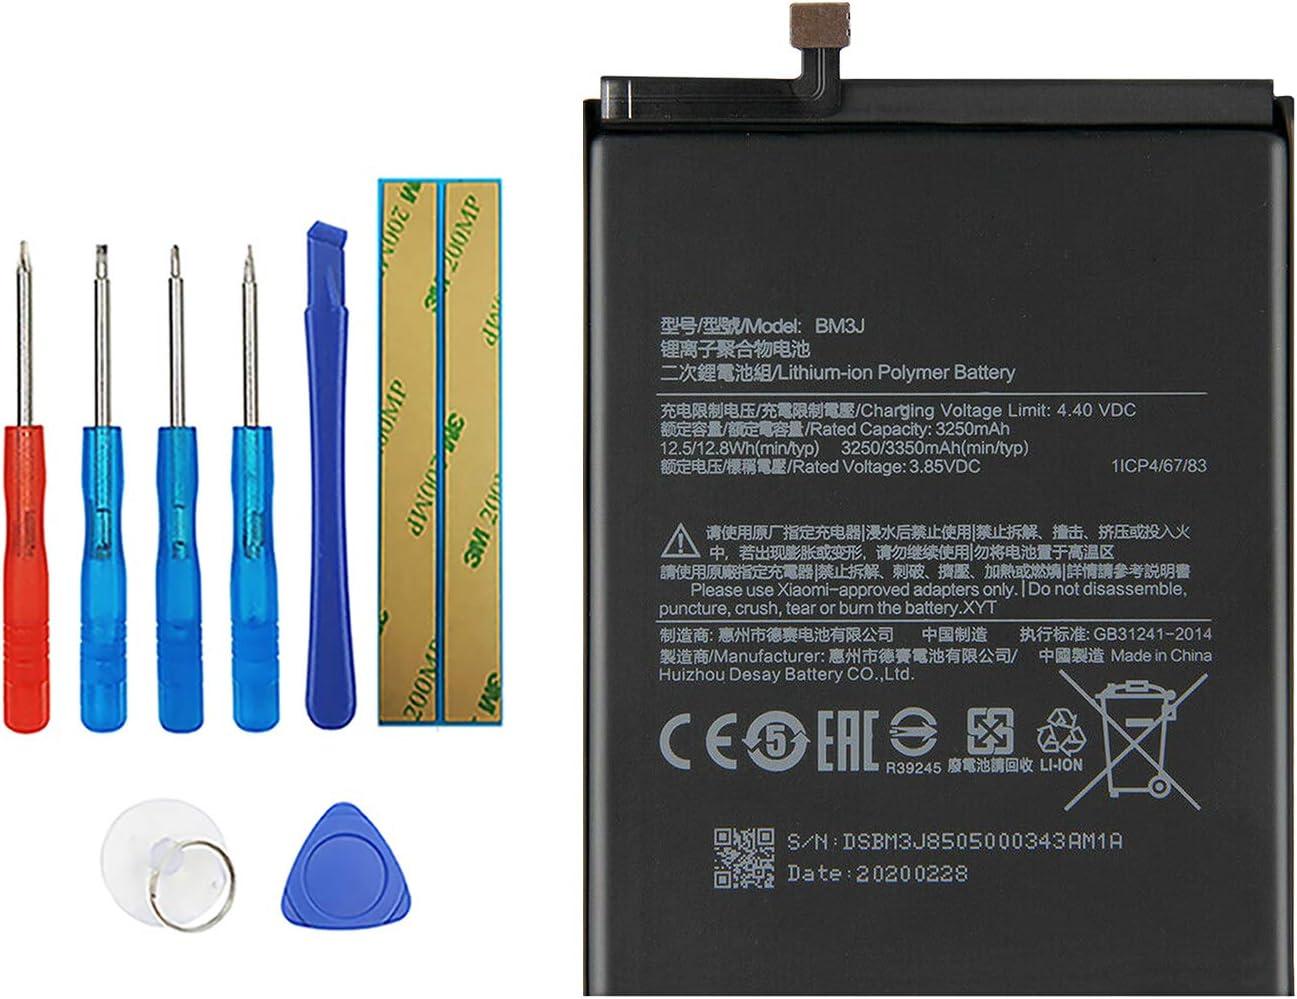 Vvsialeek BM3J Batería de repuesto compatible con Mi 8 Lite MI8 Lite Mi 8X M1808D2TG con kit de herramientas gratuito